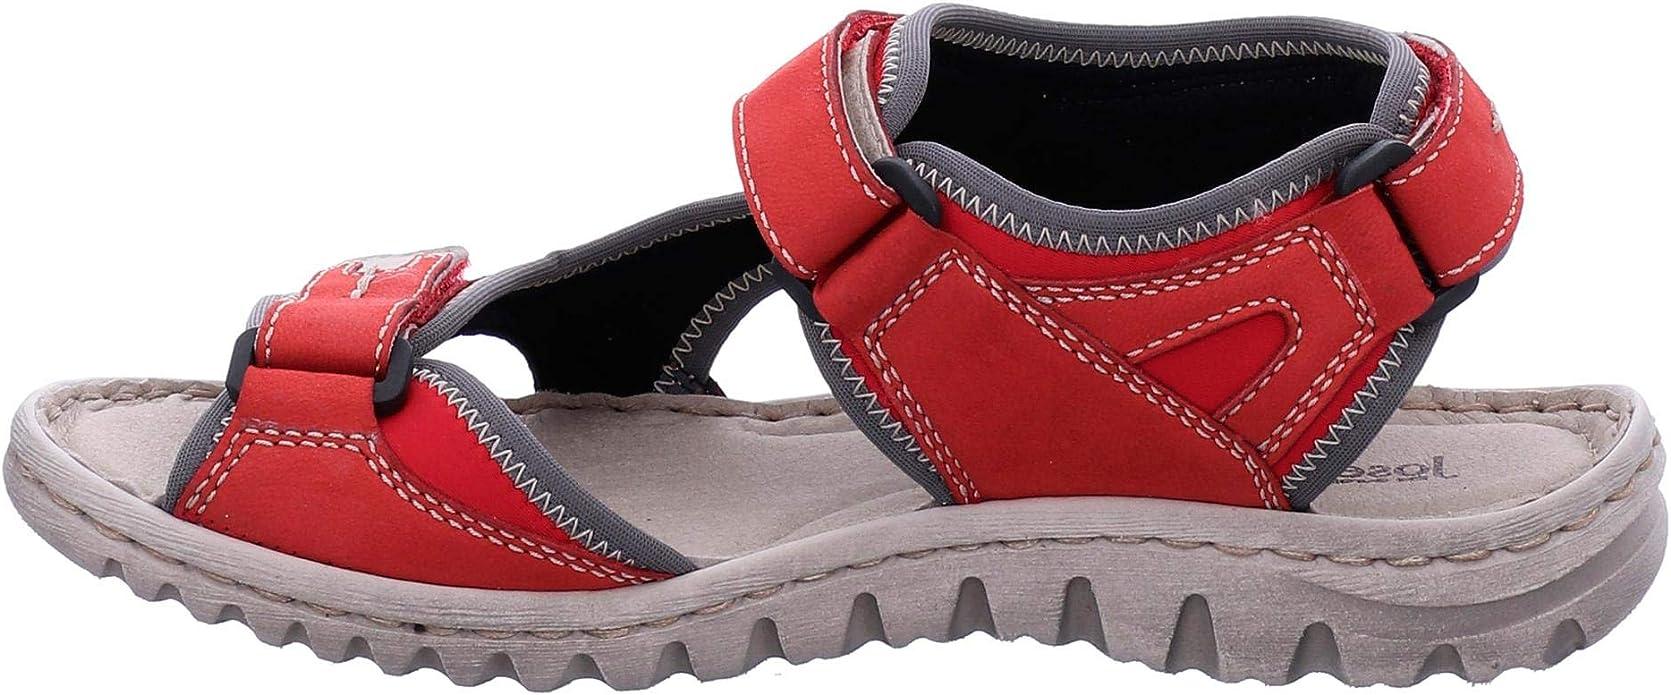 Josef Seibel Lucia 11 Sandales en Grande Taille Rouge 63811 344 400 grandes Chaussures Femmes